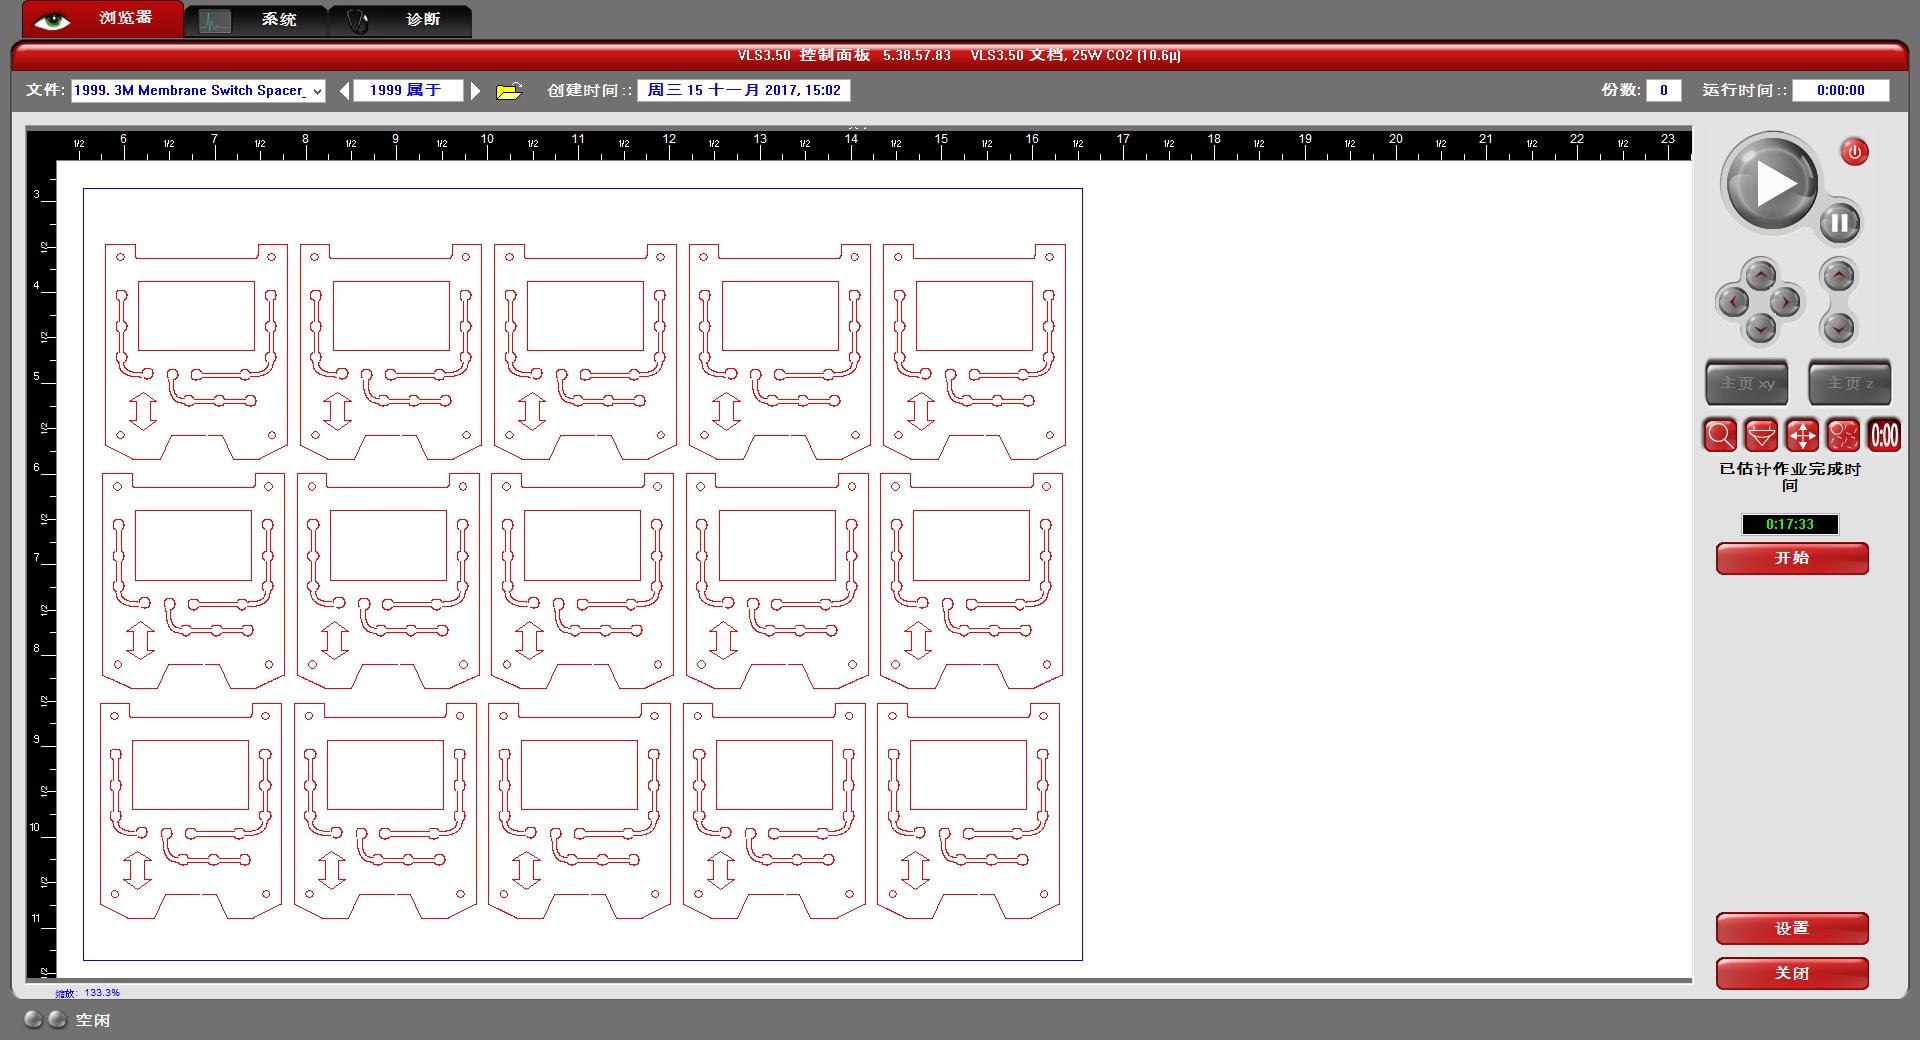 激光系统软件,其中包含通过复制功能生成的四个相机配准过程副本,如XLS系统上所示